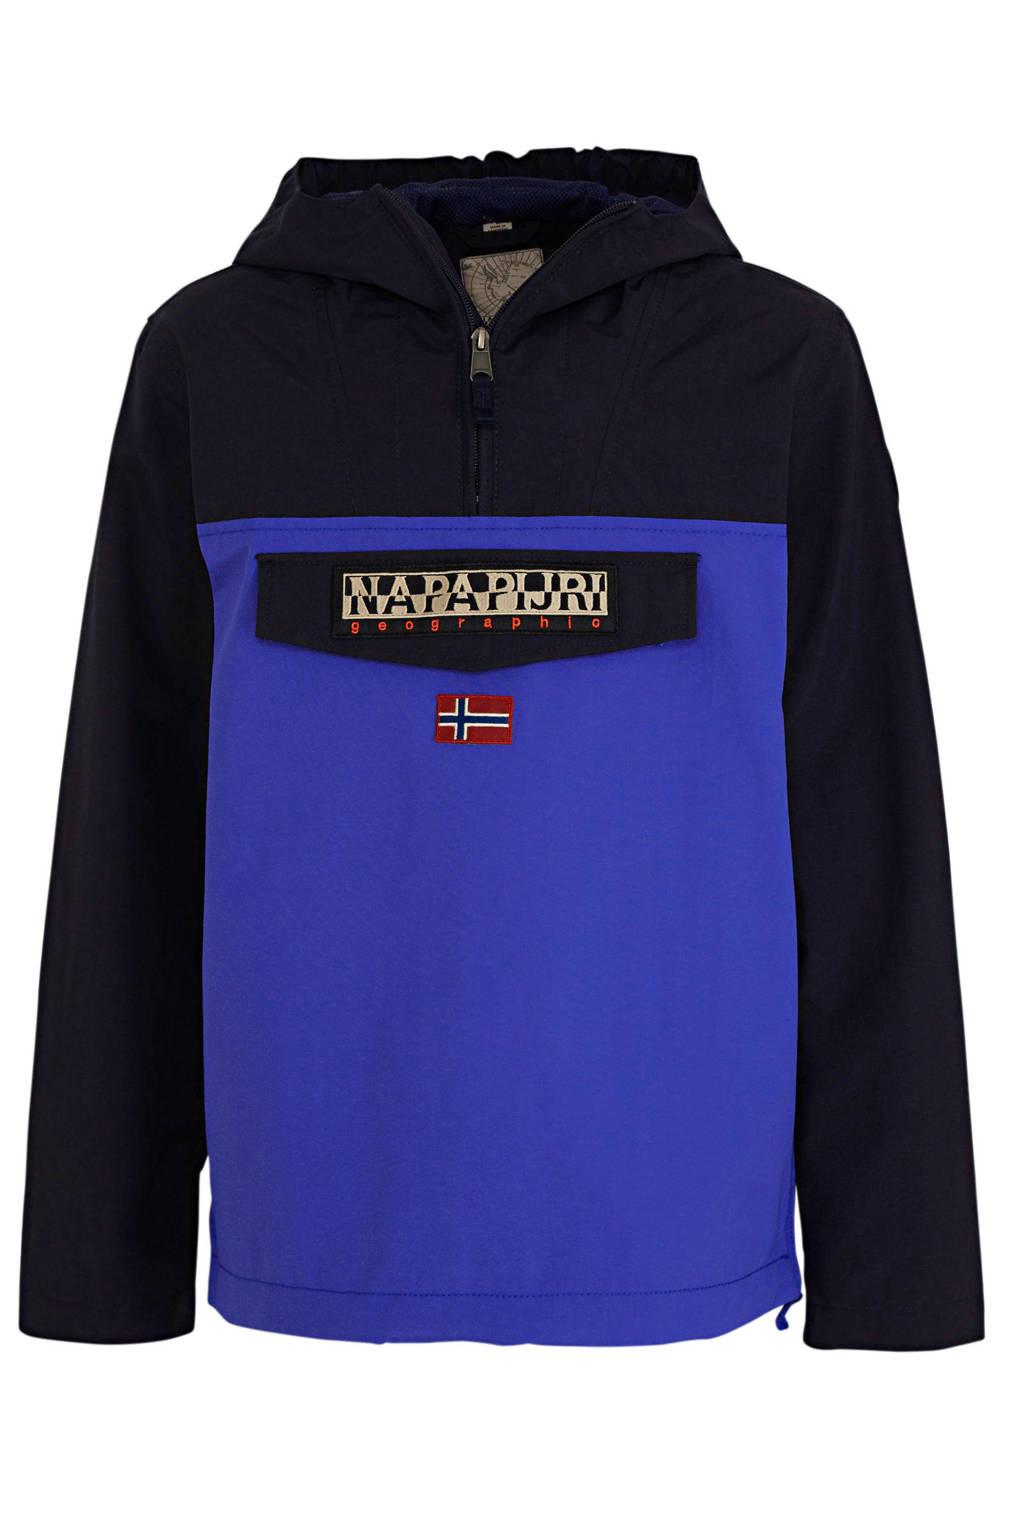 Napapijri zomerjas Rainforest CB met logo blauw/donkerblauw, Blauw/donkerblauw